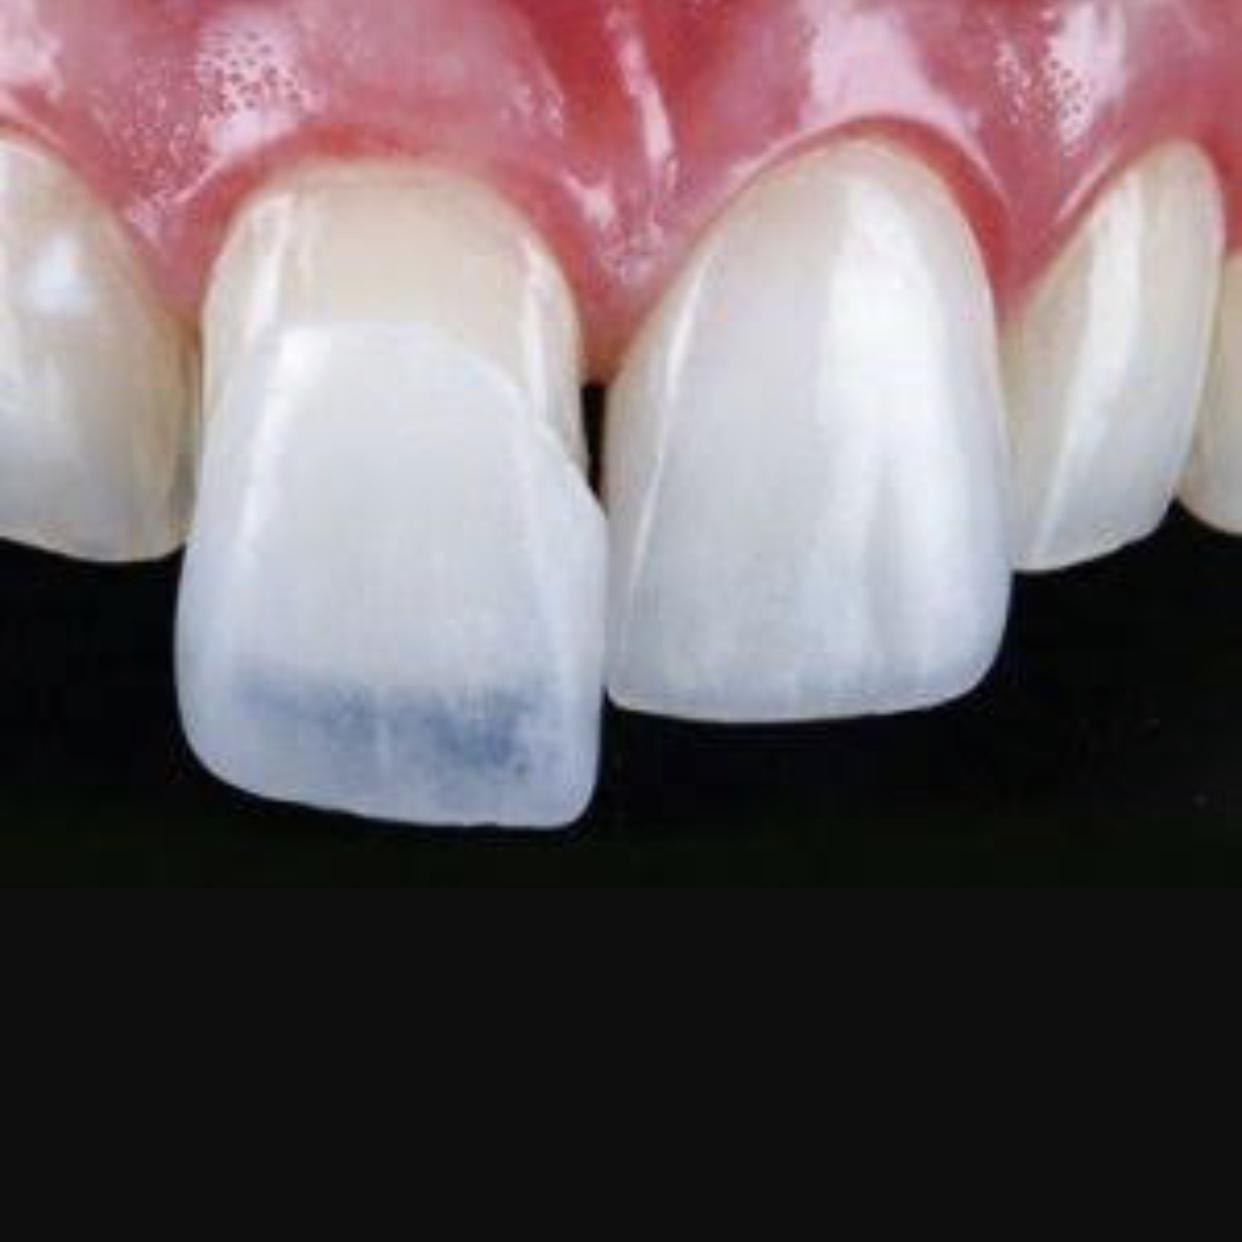 melhor dentista para lentes de contato dental em Porto Alegre